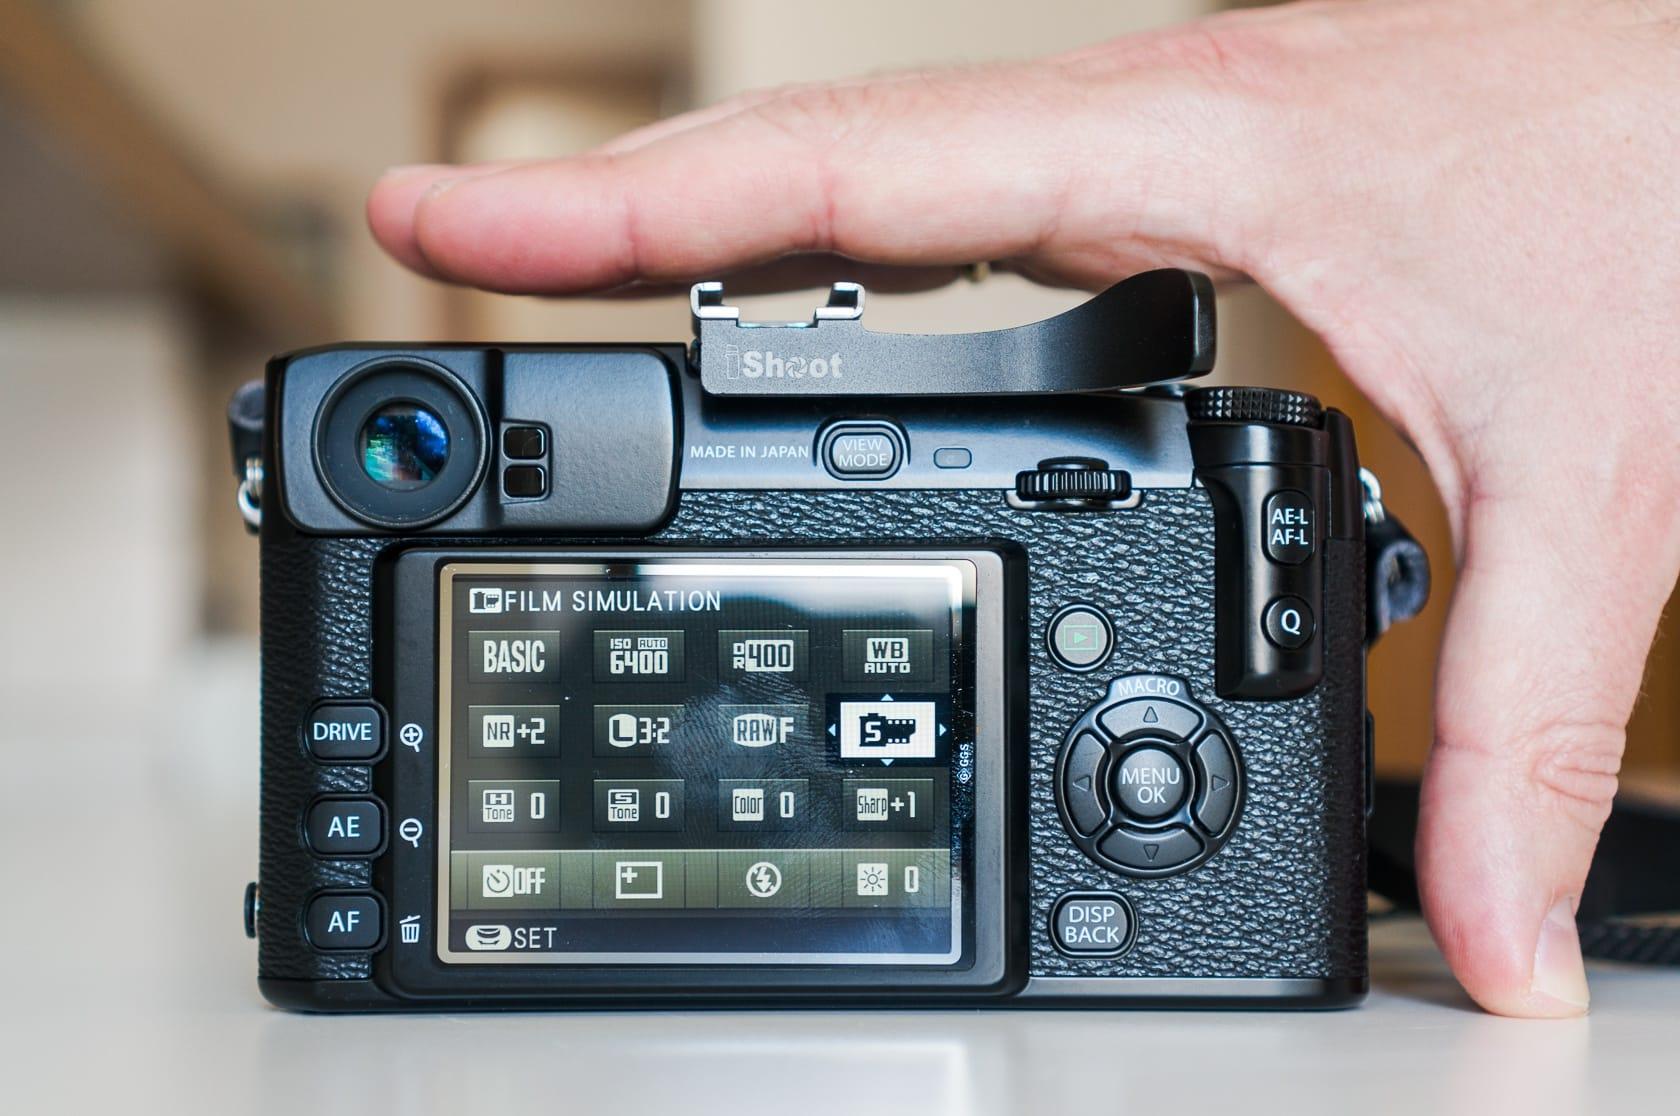 Fujifilm X-Pro1 back